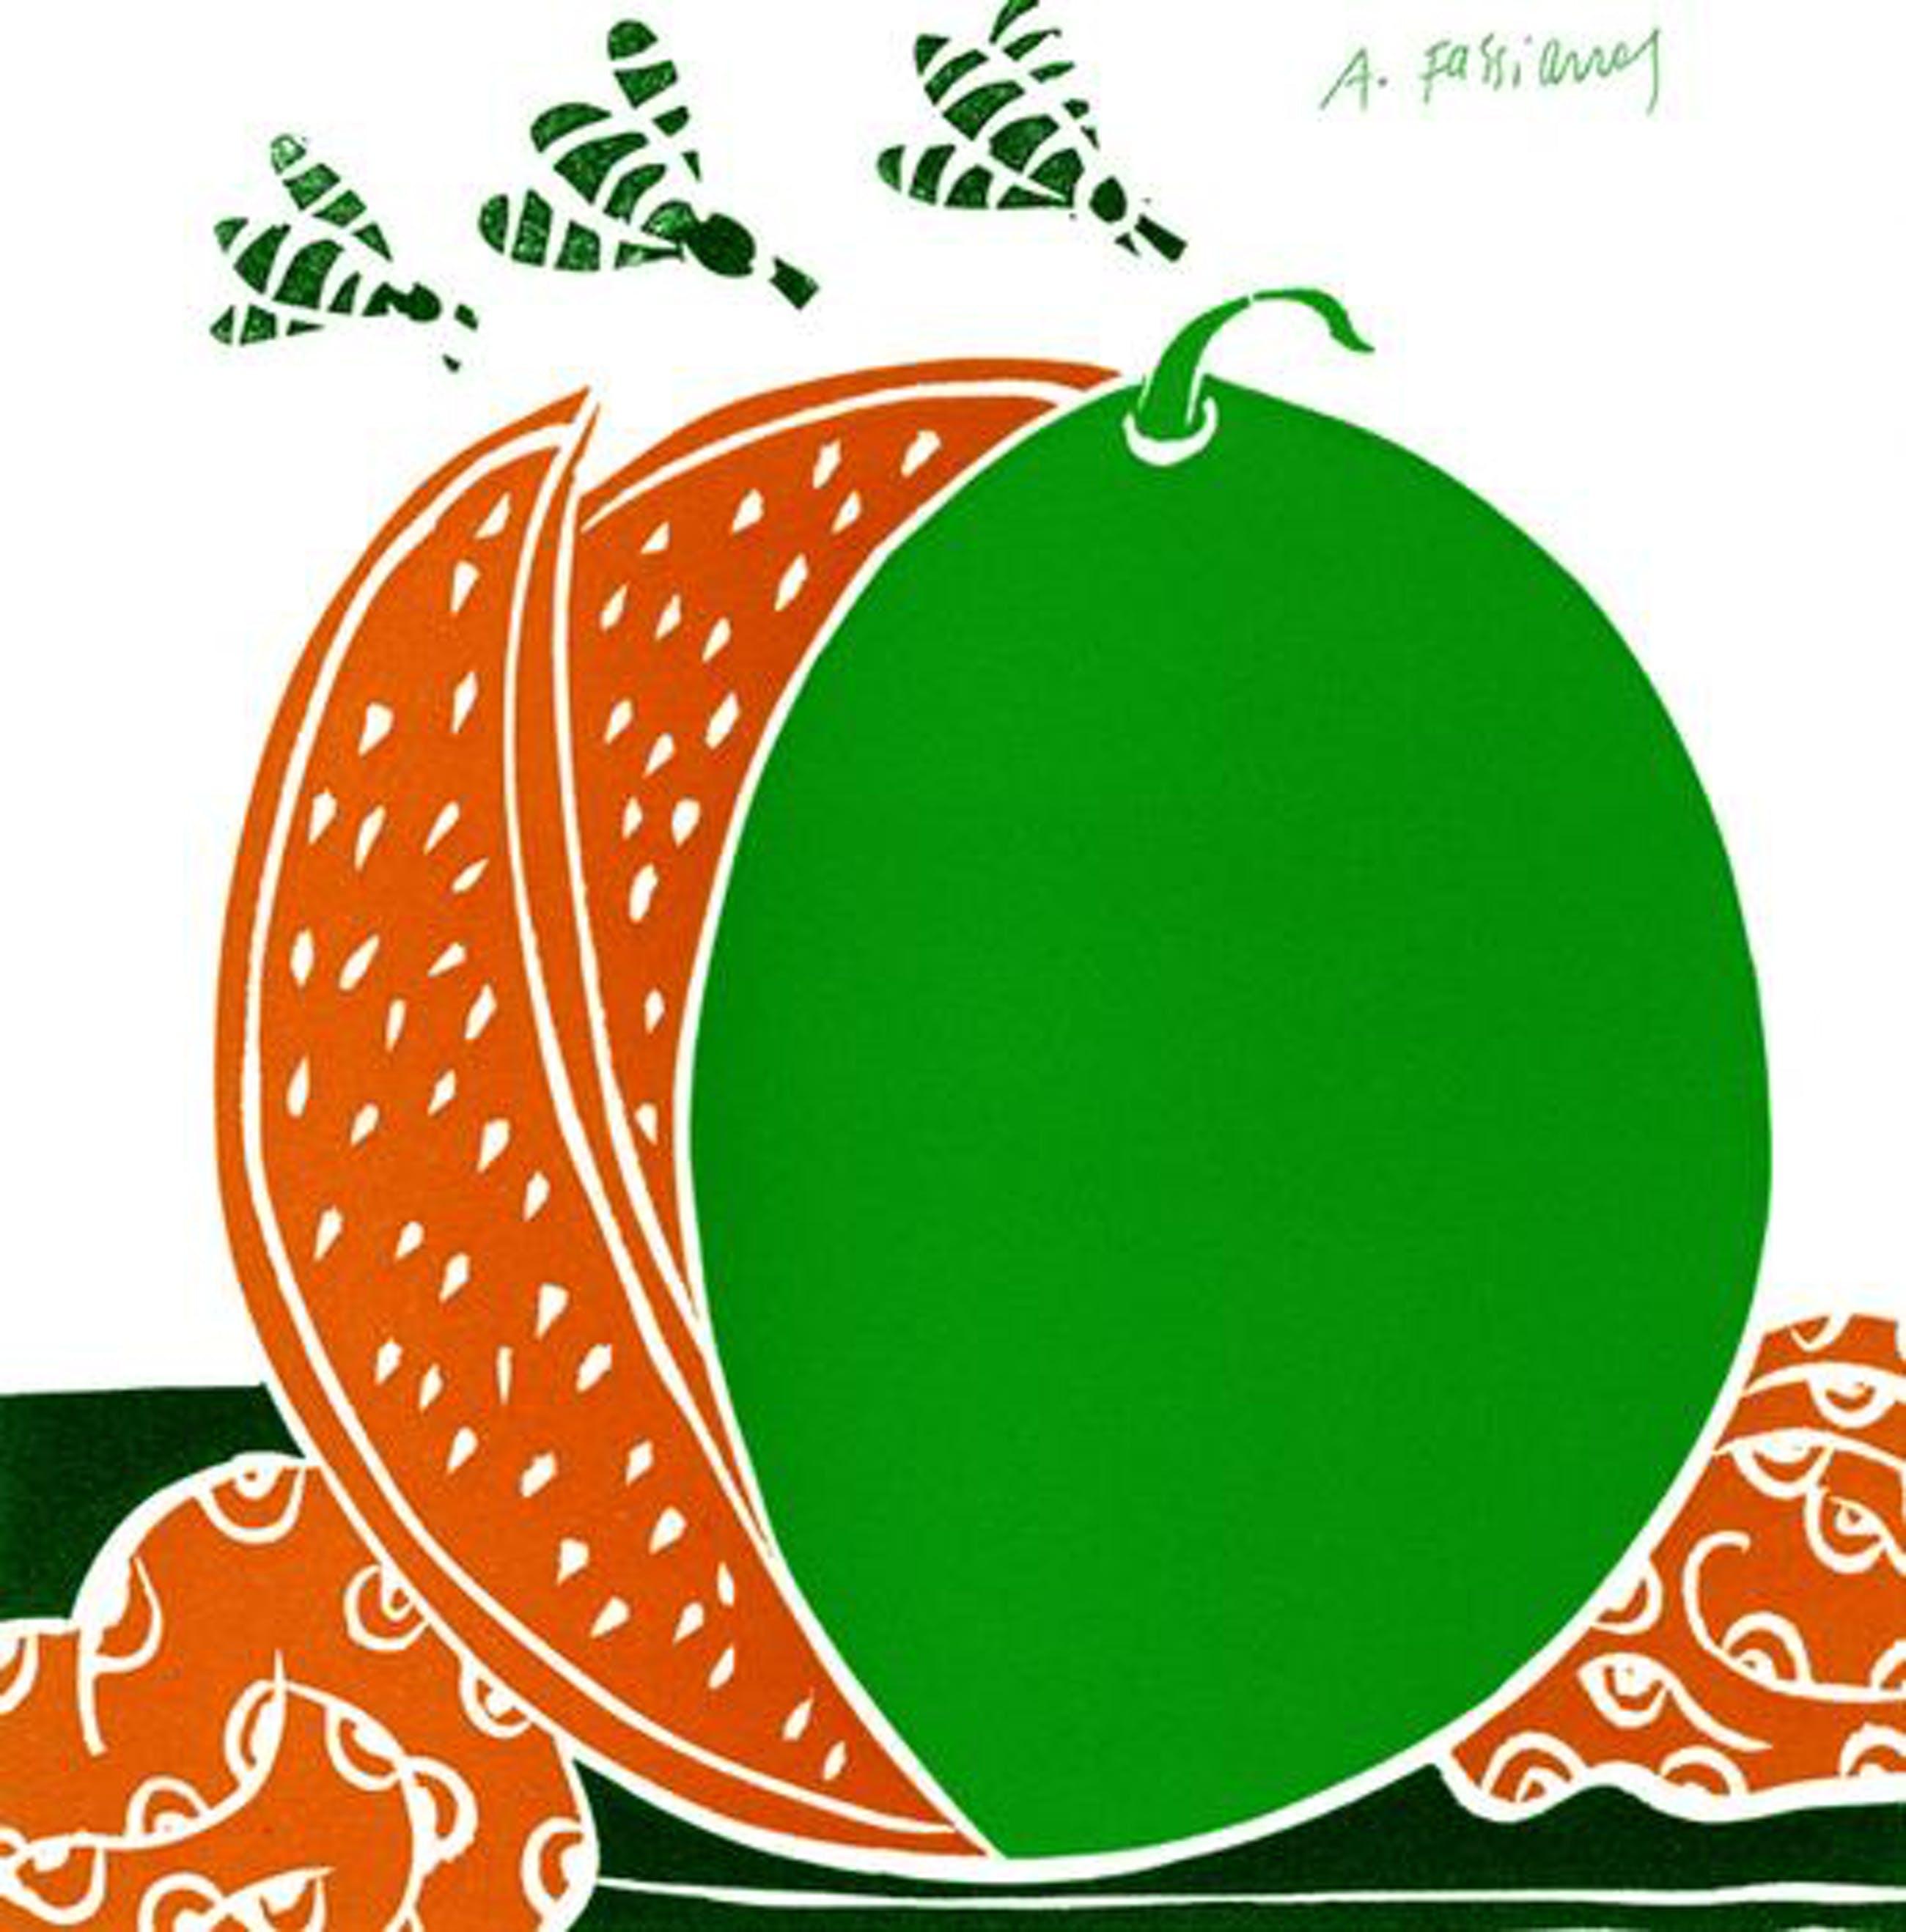 Alexandre Fassianos - Melone und Insekten, Lithografie kopen? Bied vanaf 40!